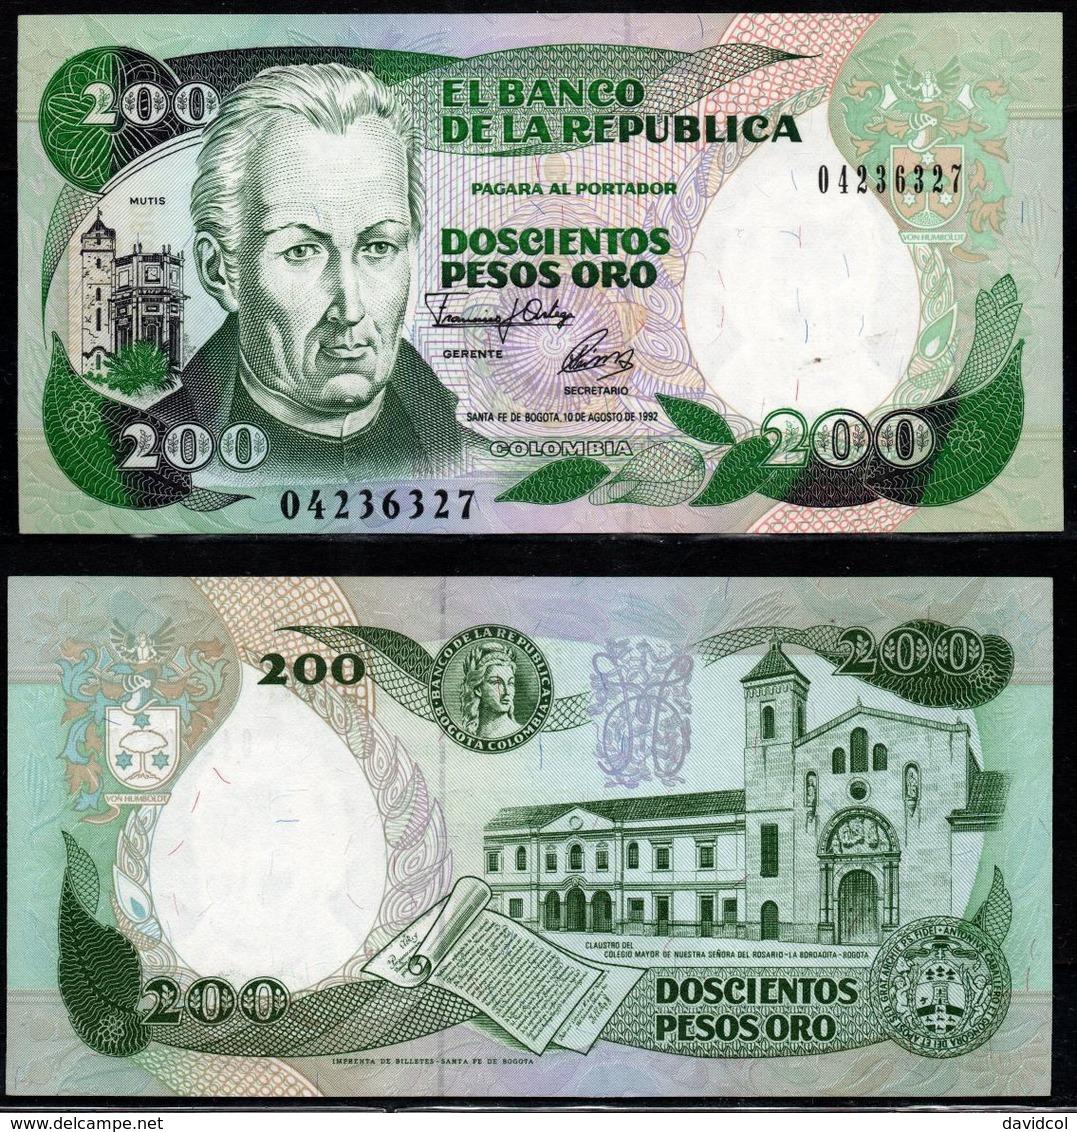 COLOMBIA - 1992- DOSCIENTOS PESOS ORO ( $ 200 ) - UNCIRCULATED. CONDITION 9/10 - Colombie